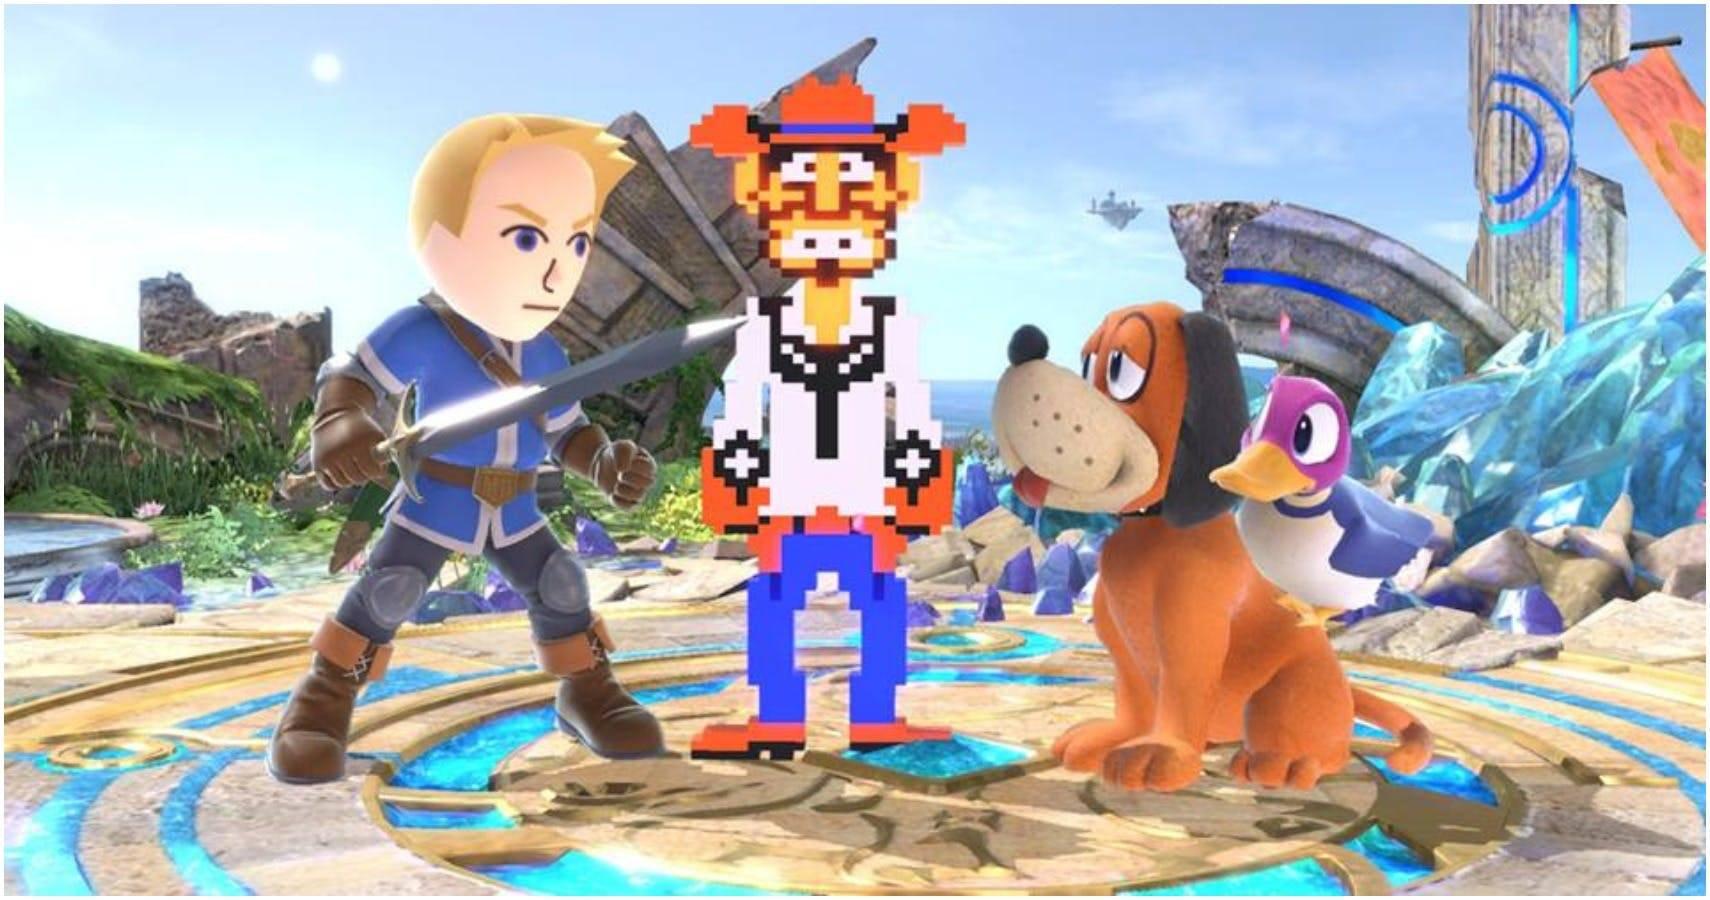 Smash Bros Planta Piraña